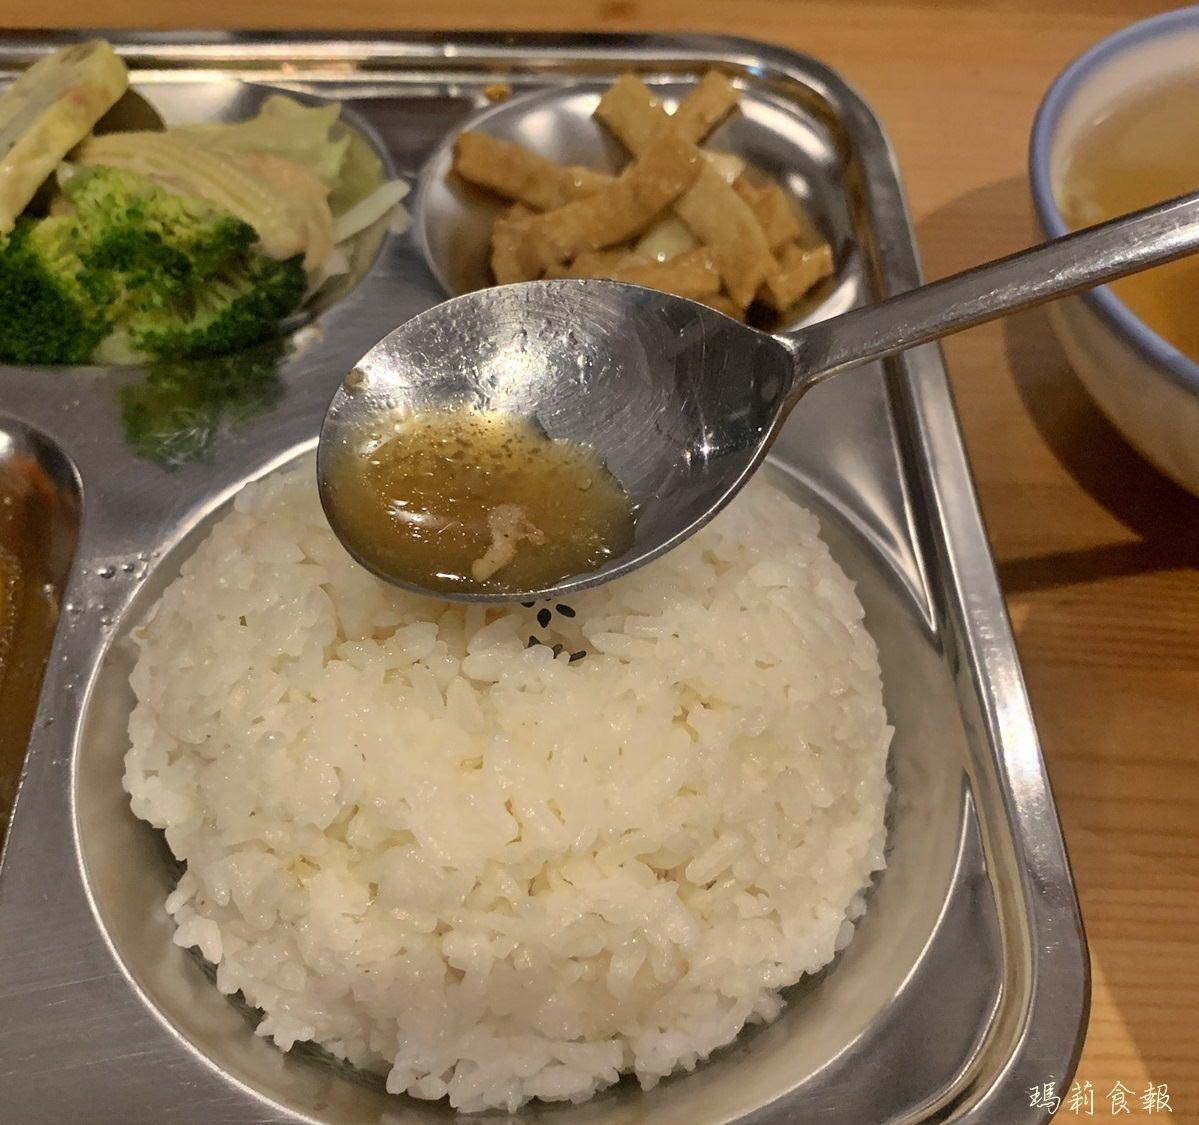 台中北區美食,大叔的飯盒(原:K bab大叔的飯卷),韓國人的料理,一中美食推薦